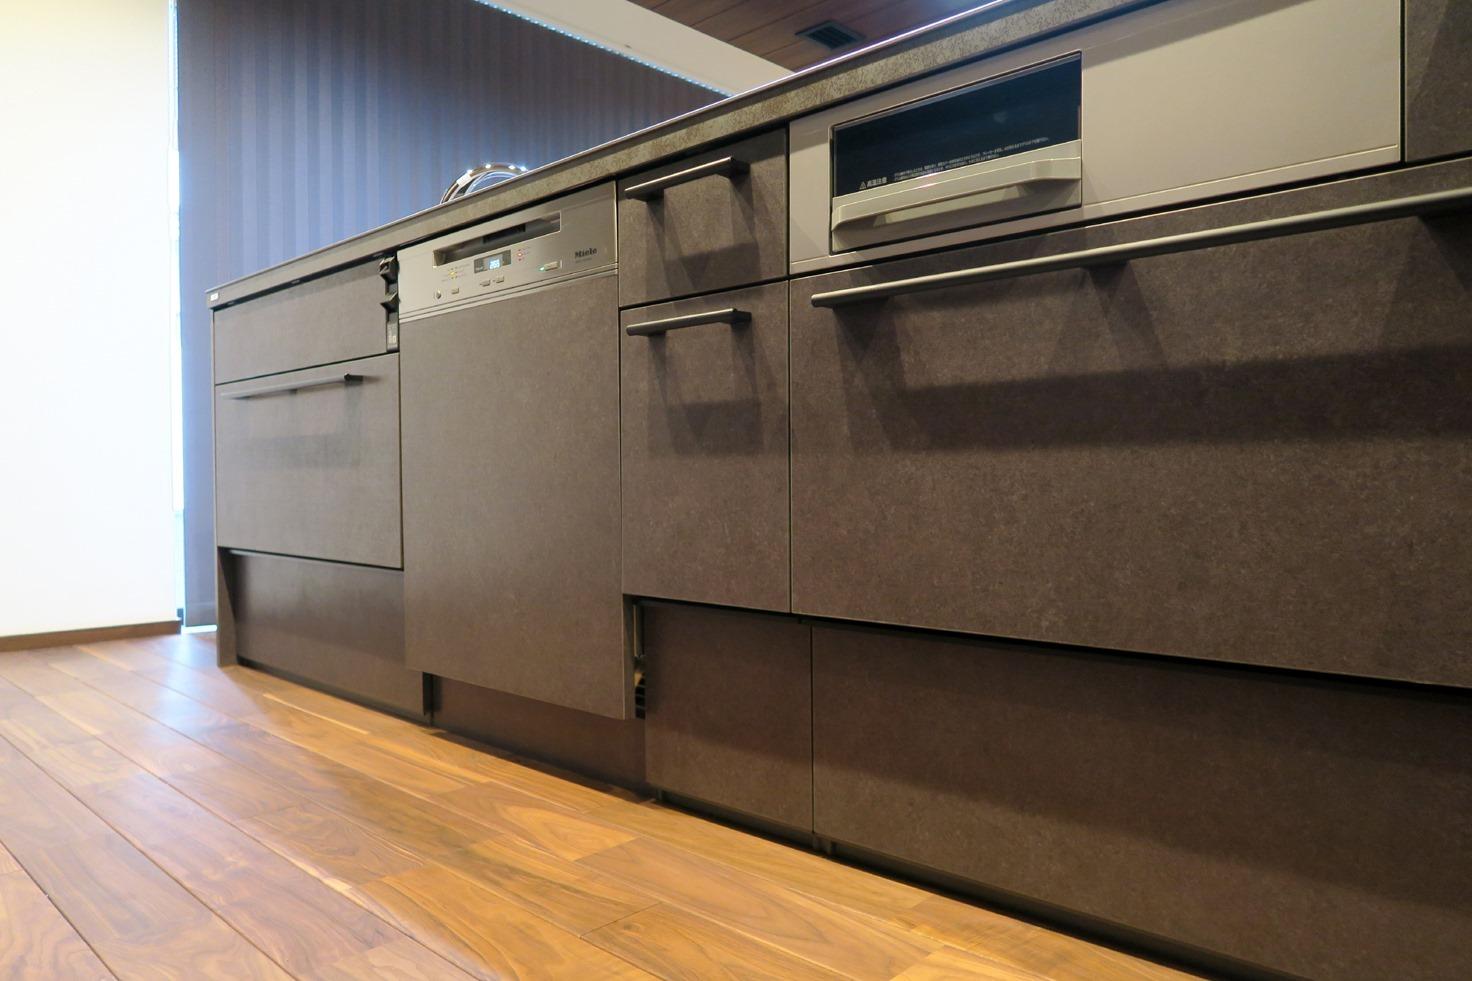 憧れブランド・ミーレ食器洗い機。★リクシル取付事例_c0156359_16513098.jpg